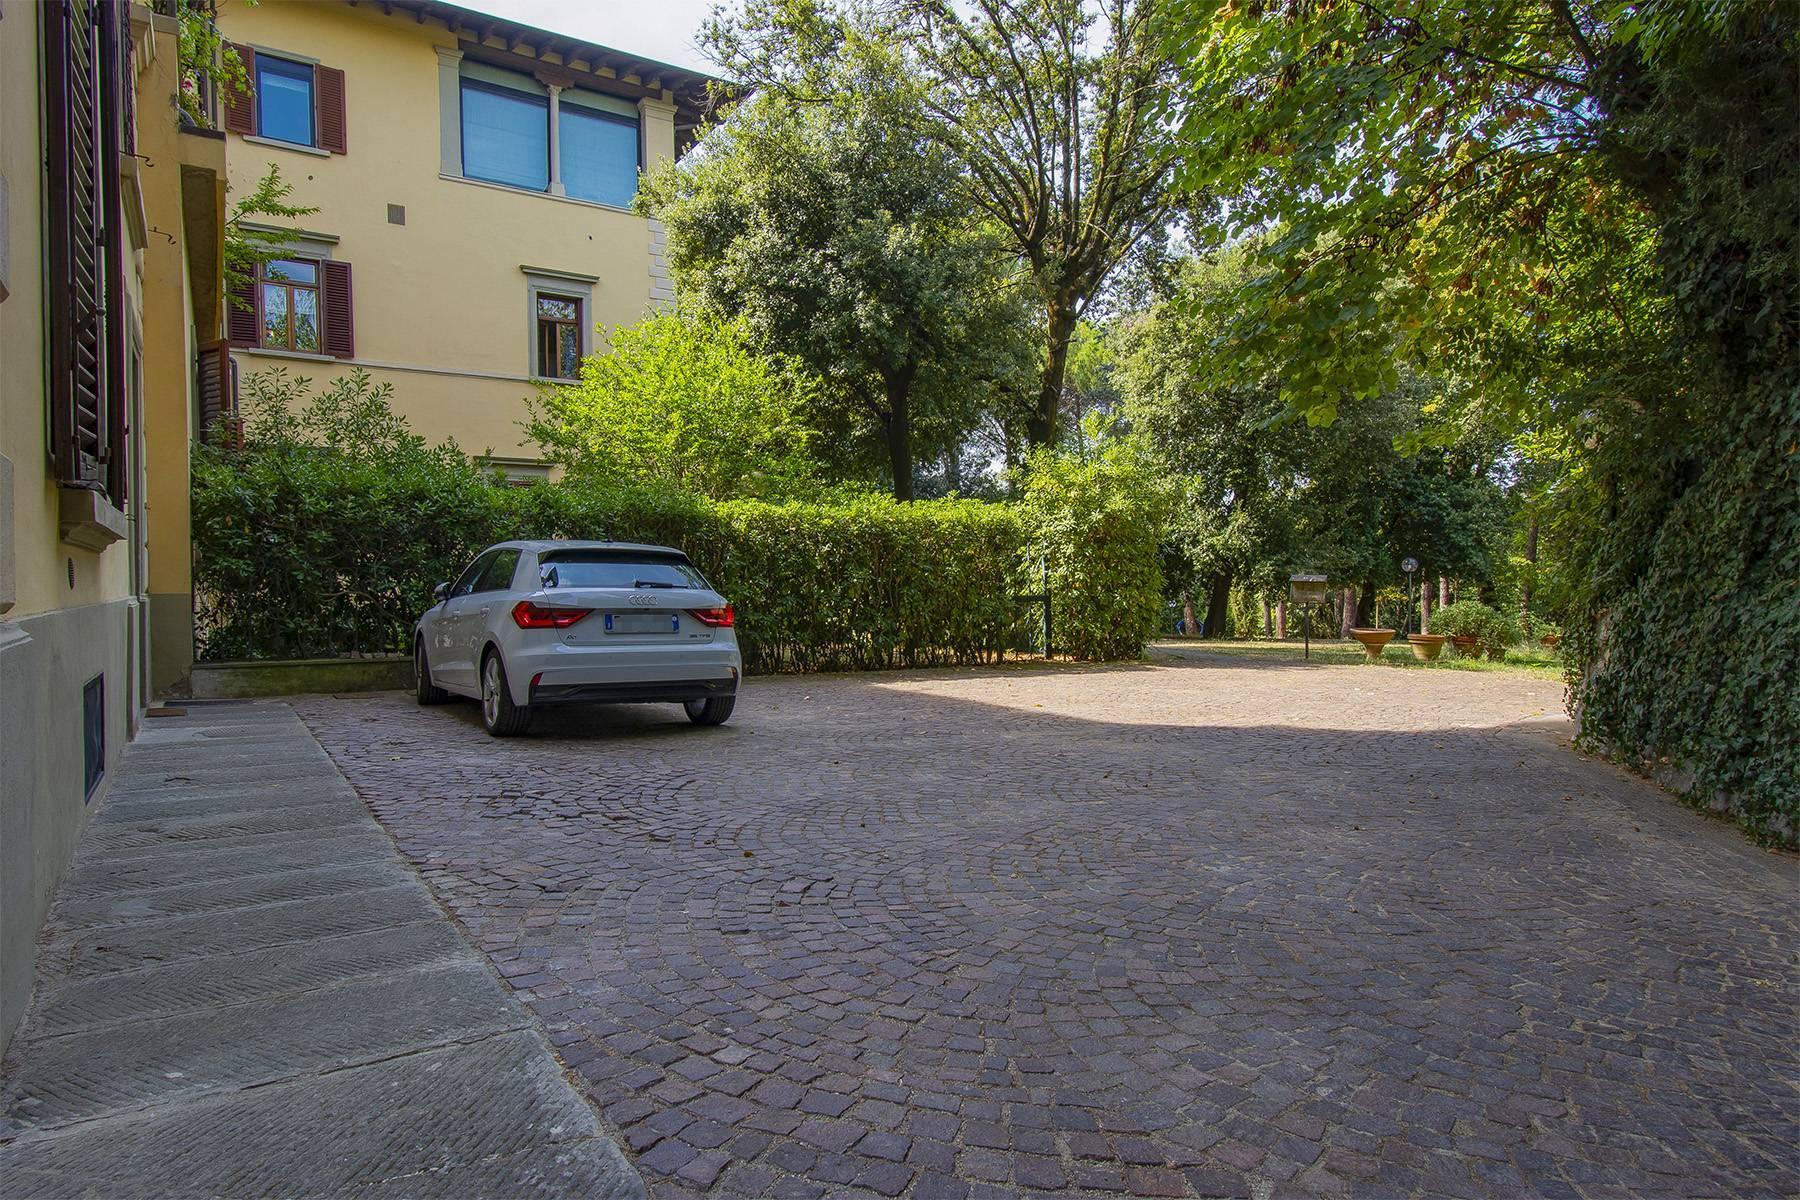 Exquisite apartment in a historic villa - 21